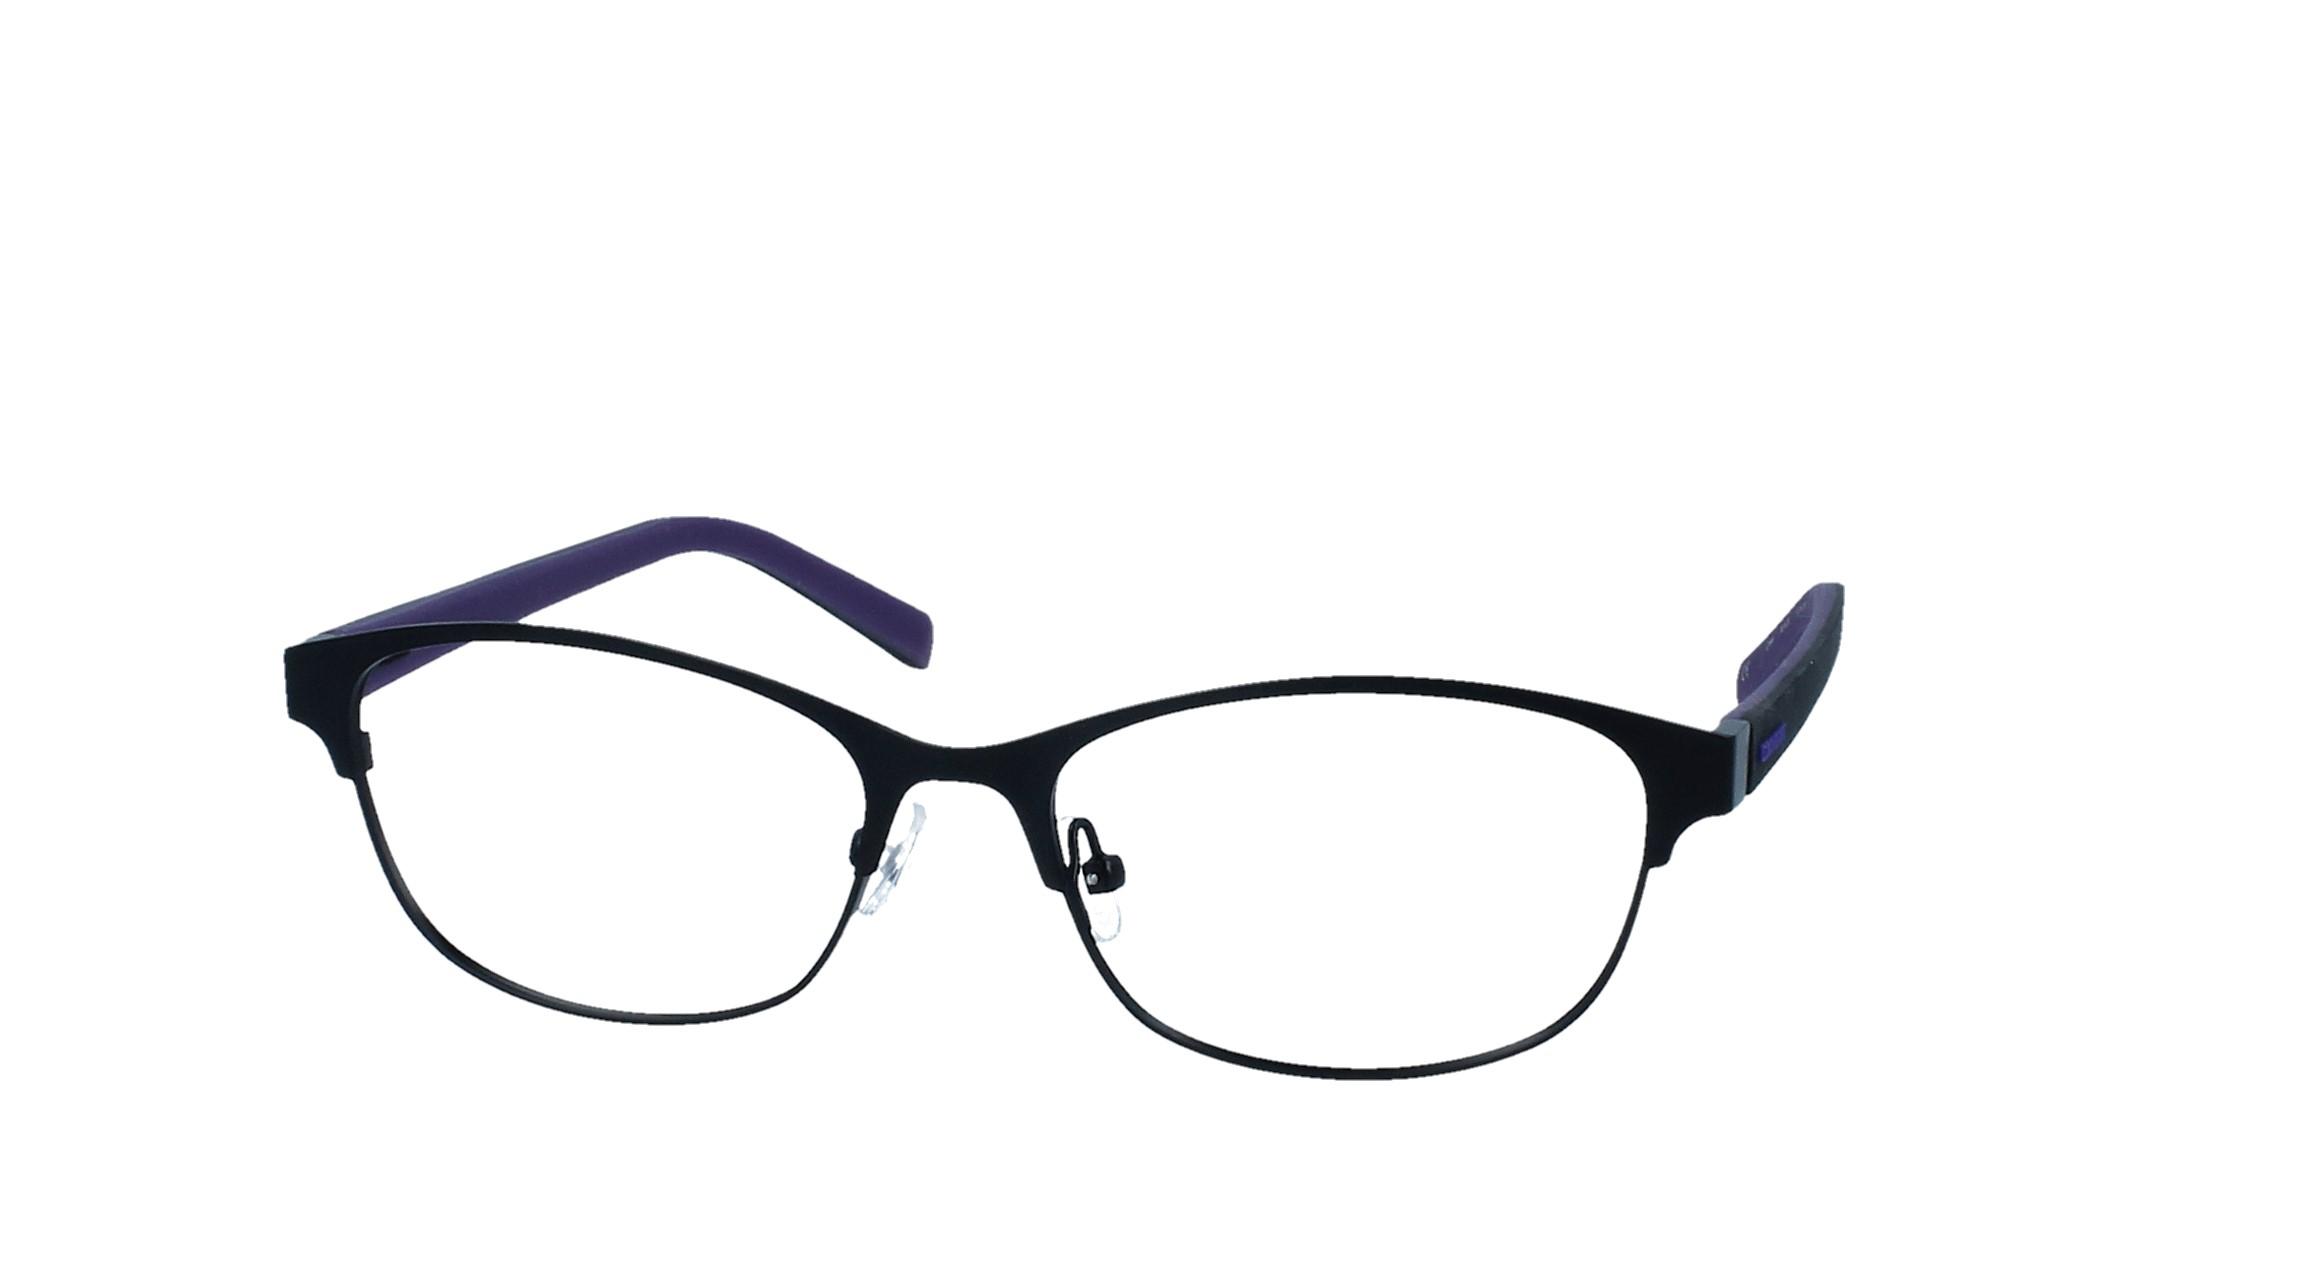 8e4454f27105c3 Converse Q044 Black - Ladies Prescription Frames - Spec-Savers South ...